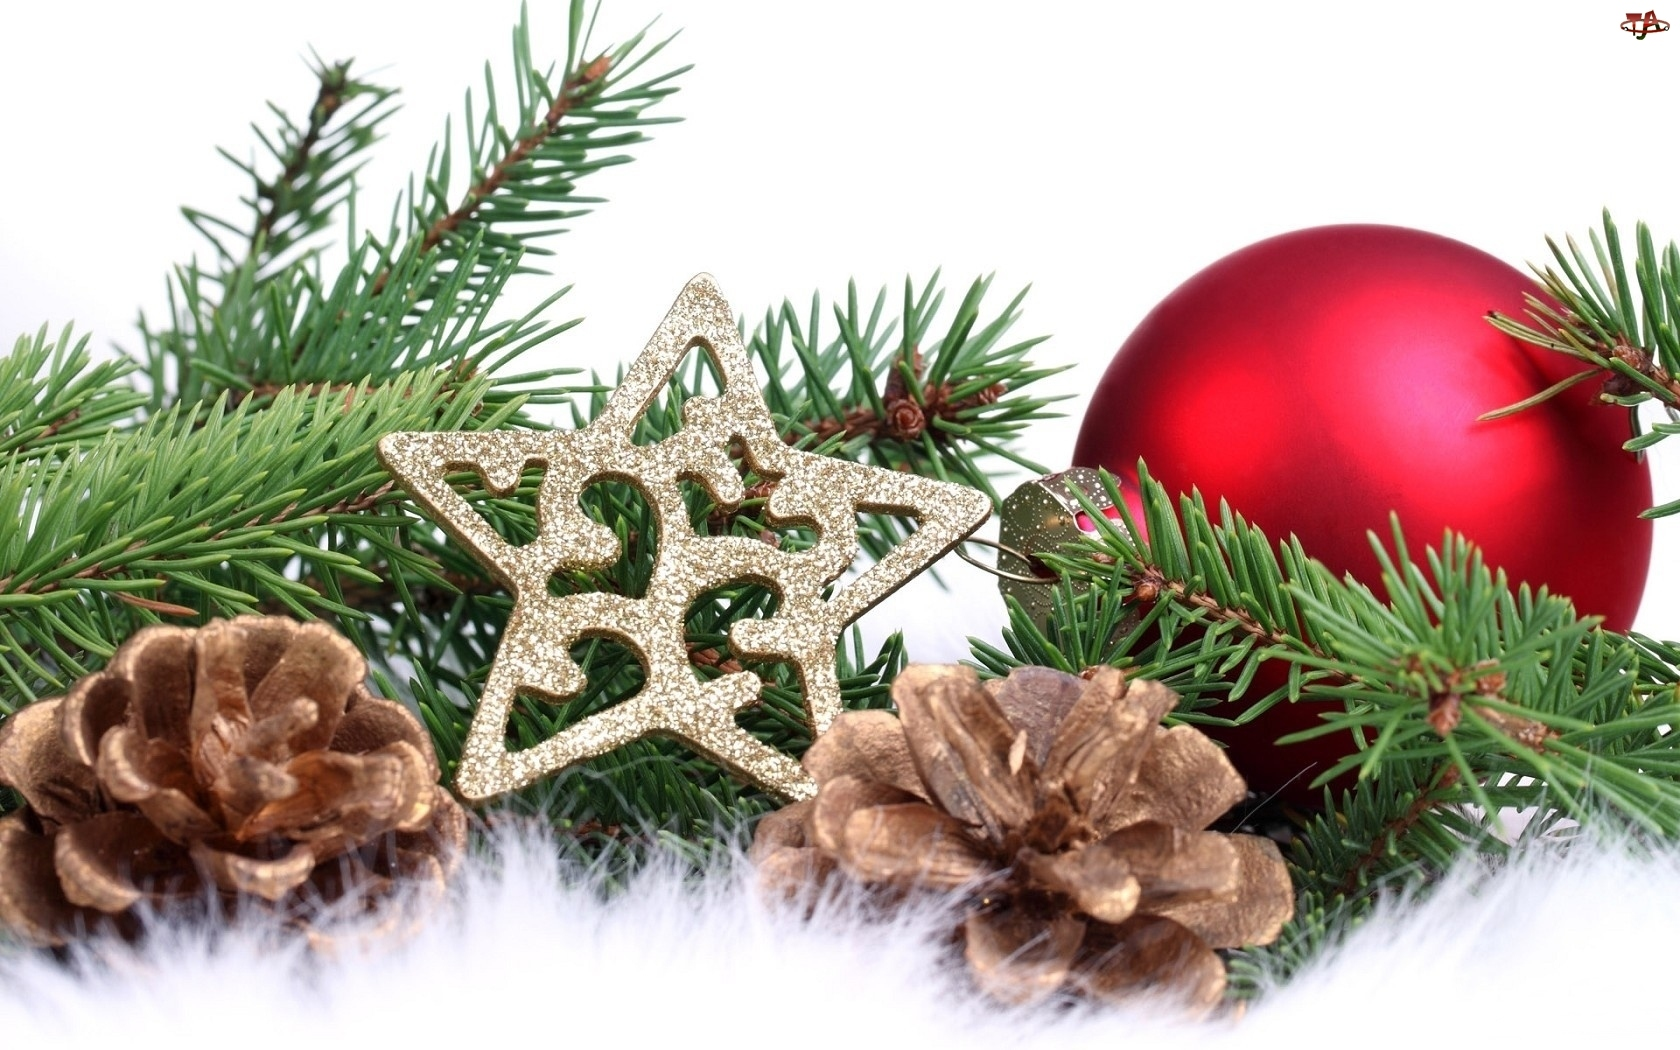 Szyszki, Stroik, Świąteczny